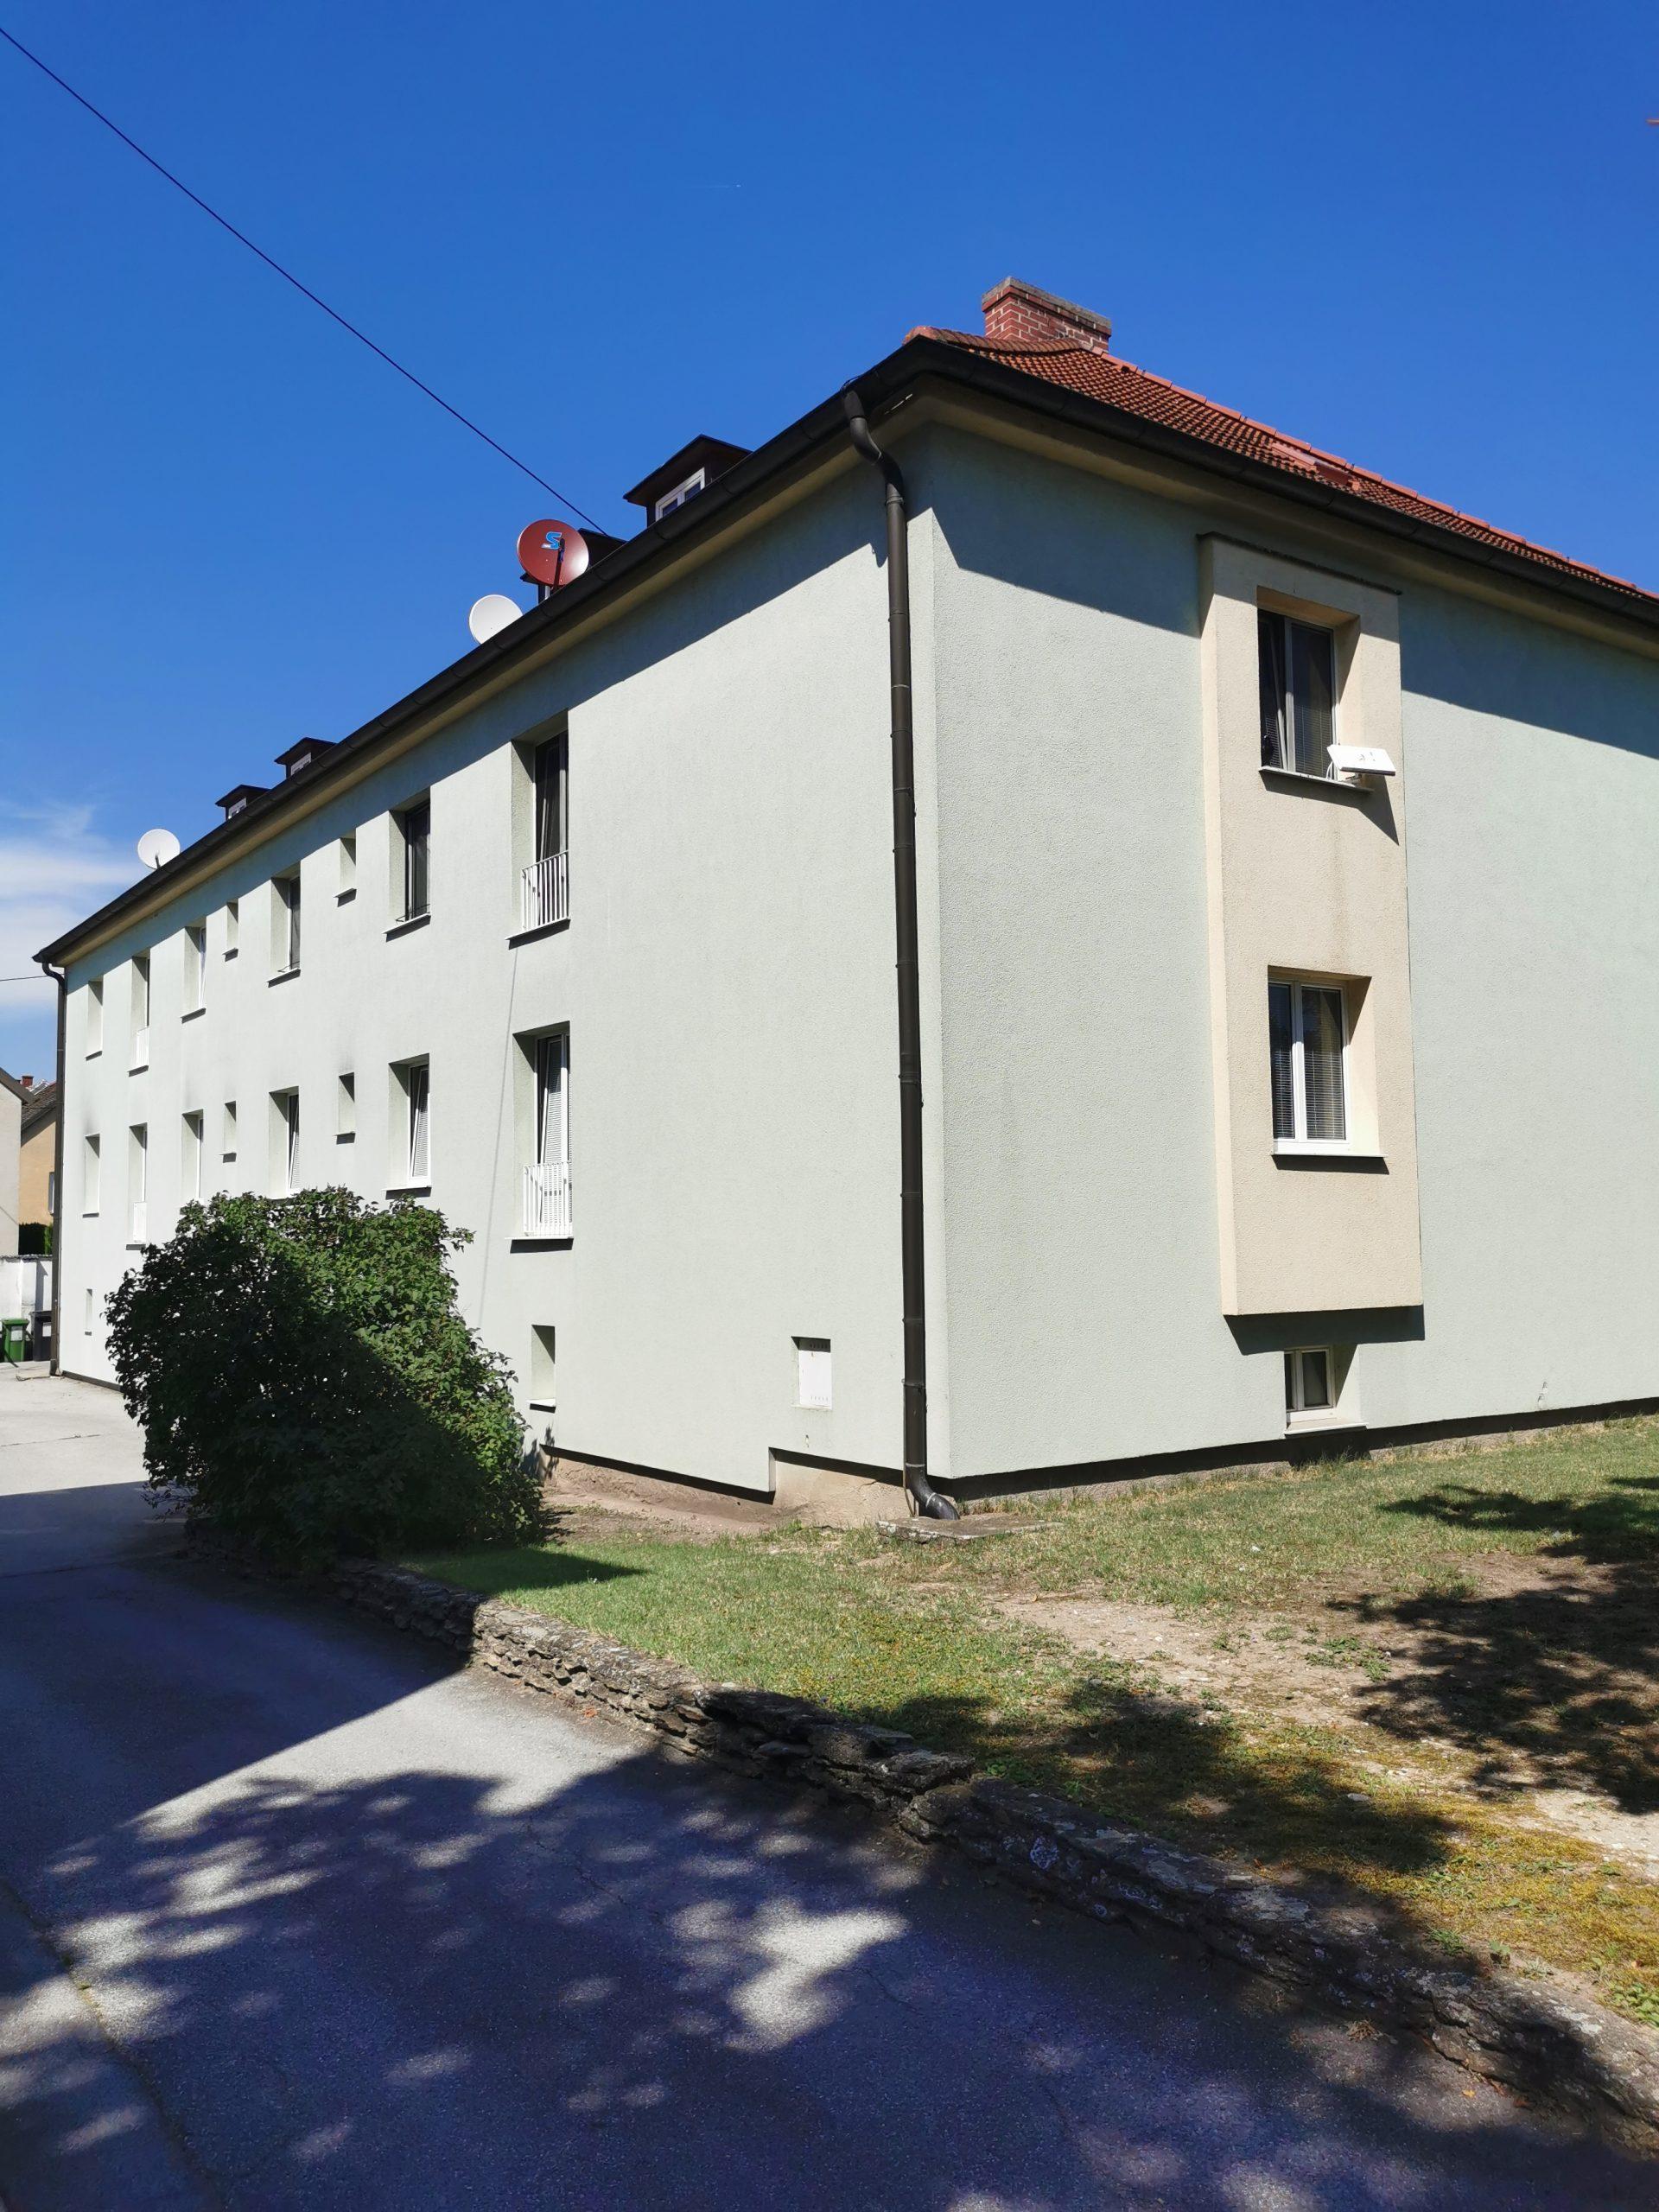 Immobilie von Kamptal in 2136 Laa an der Thaya, Mistelbach, Laa XIII - Top 7 #1